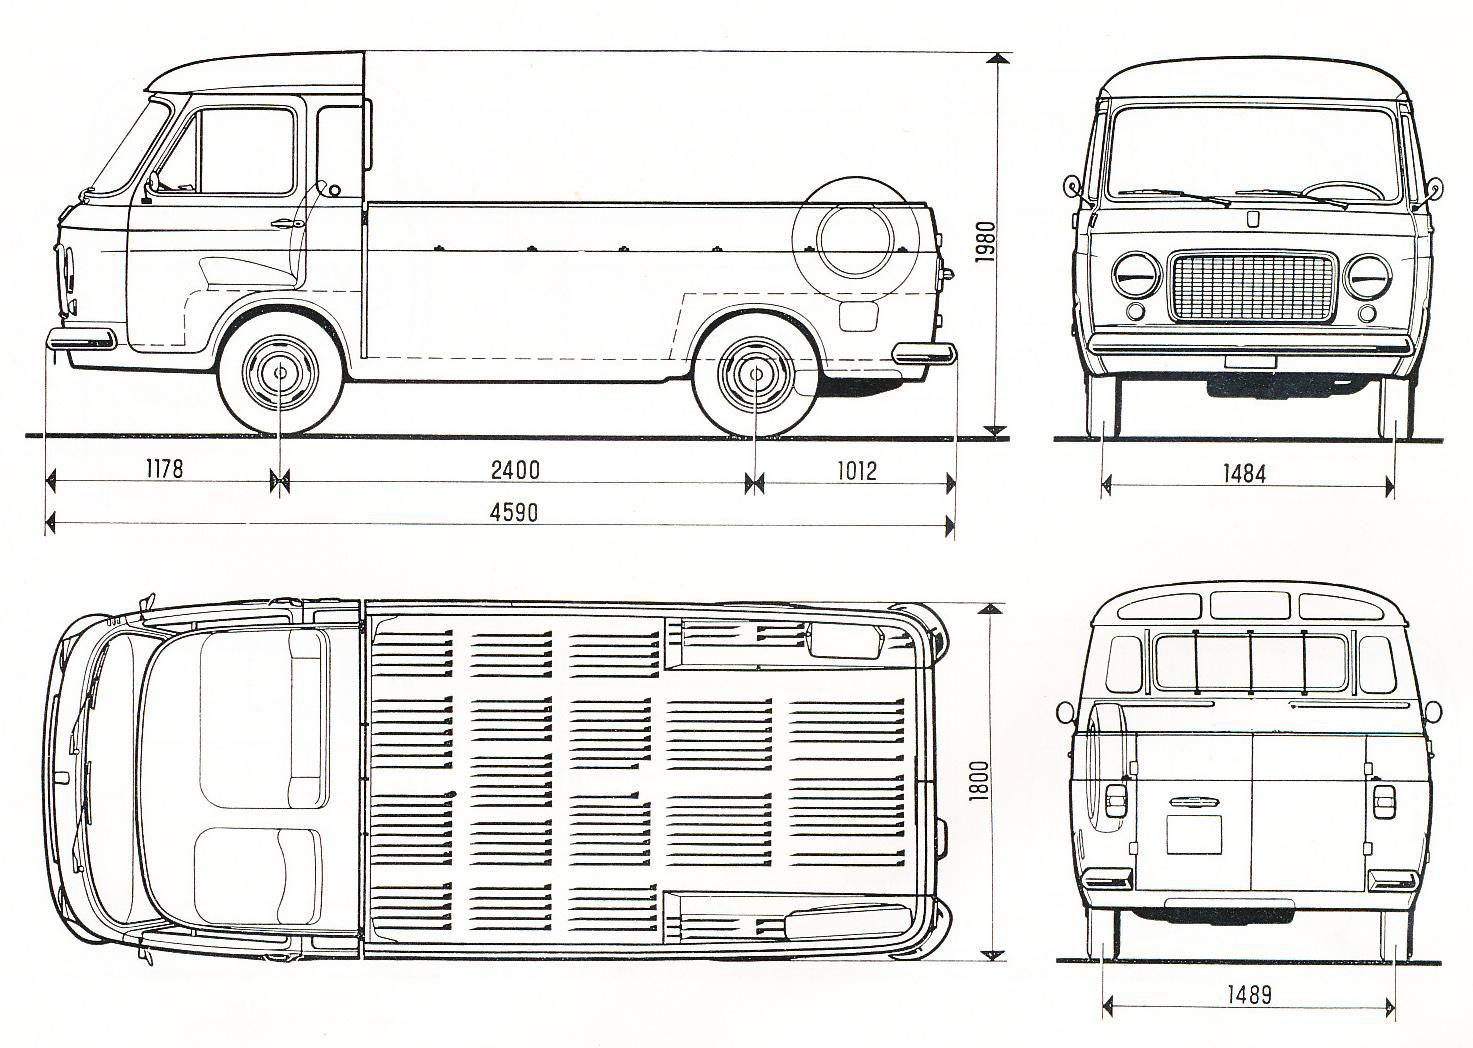 Fiat 238 blueprint